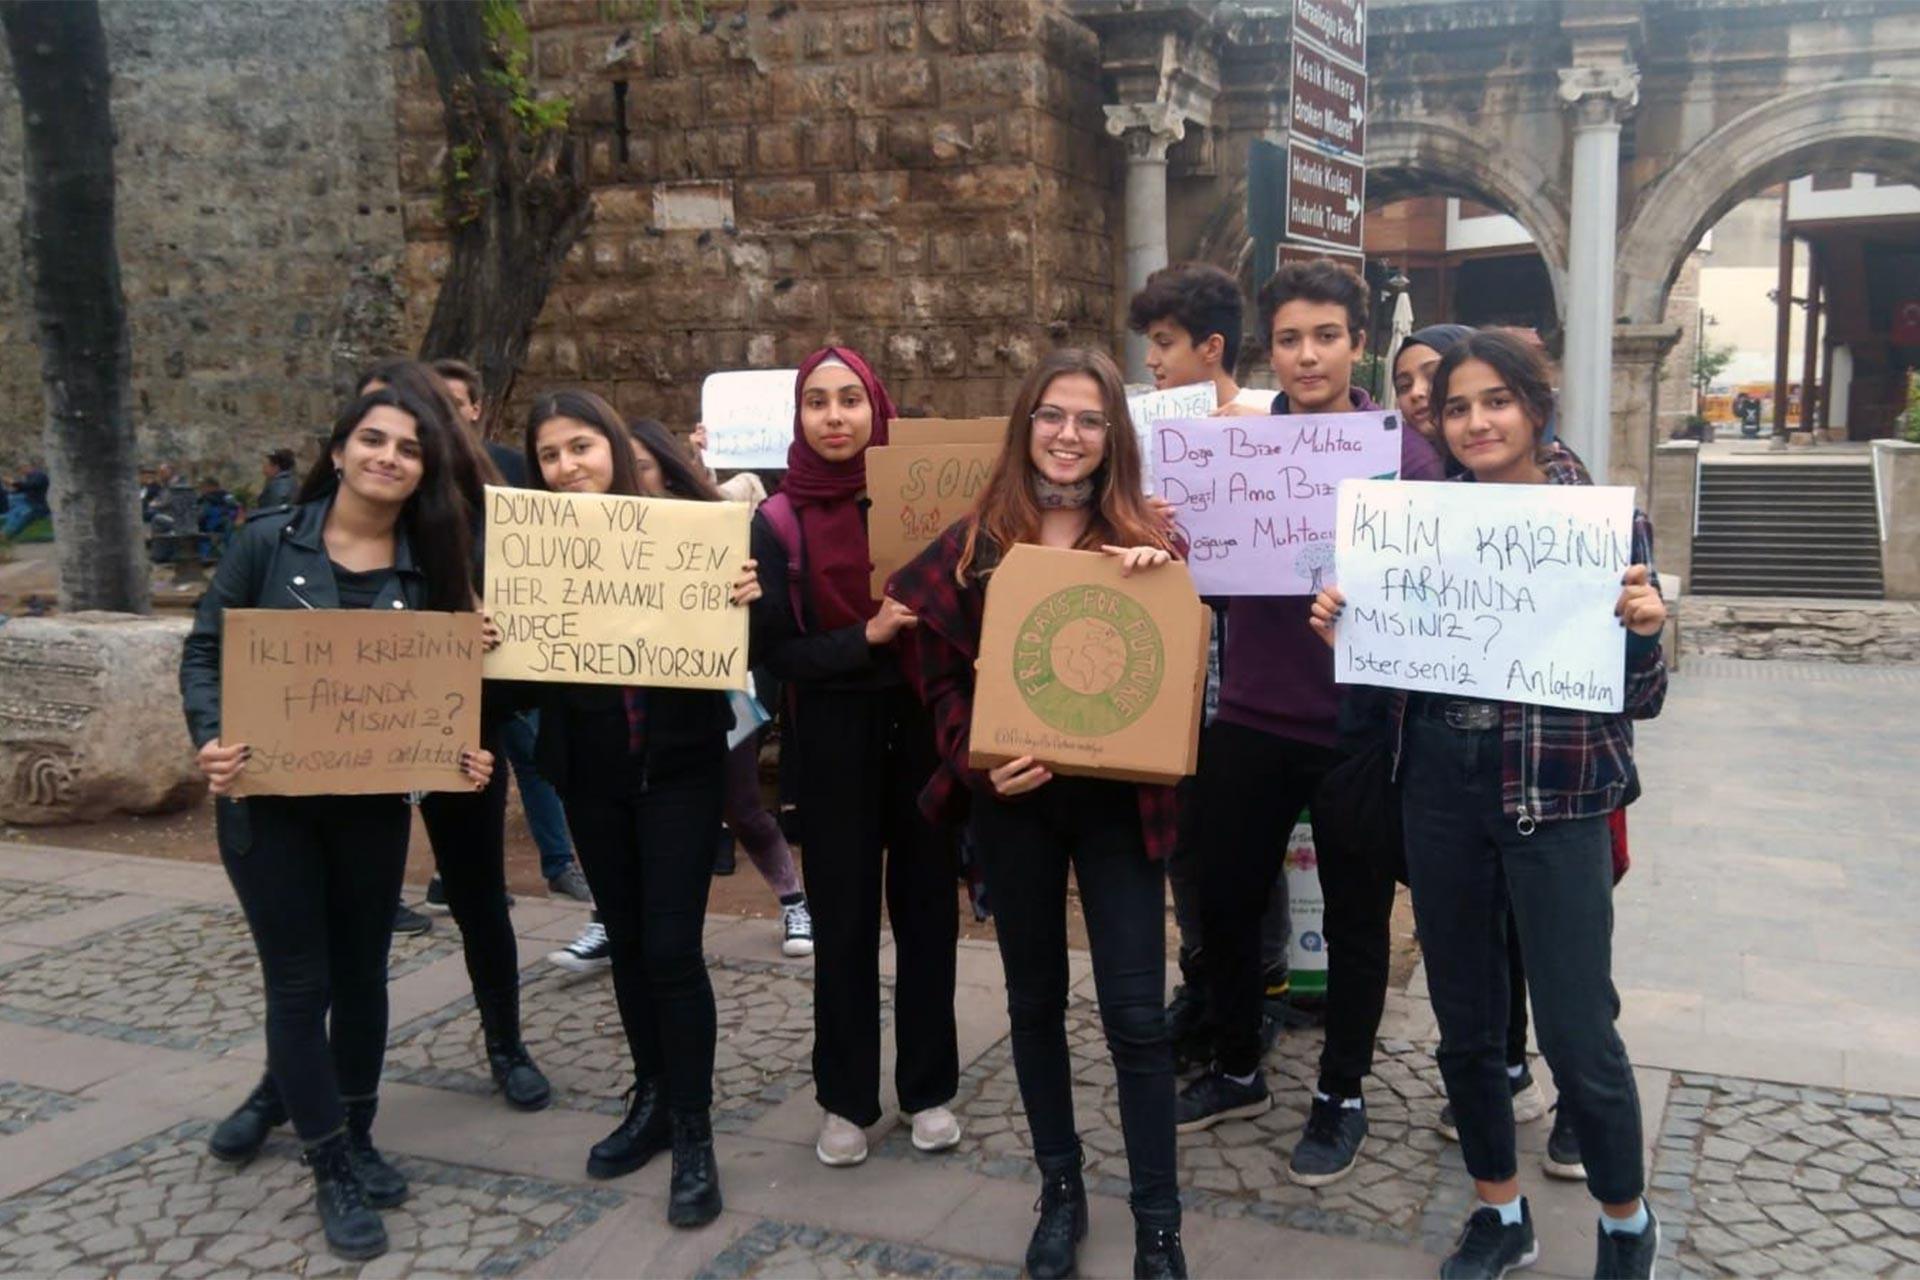 Antalya'da iklim değişikliğine dikkat çekmek için eylem yapan gençler